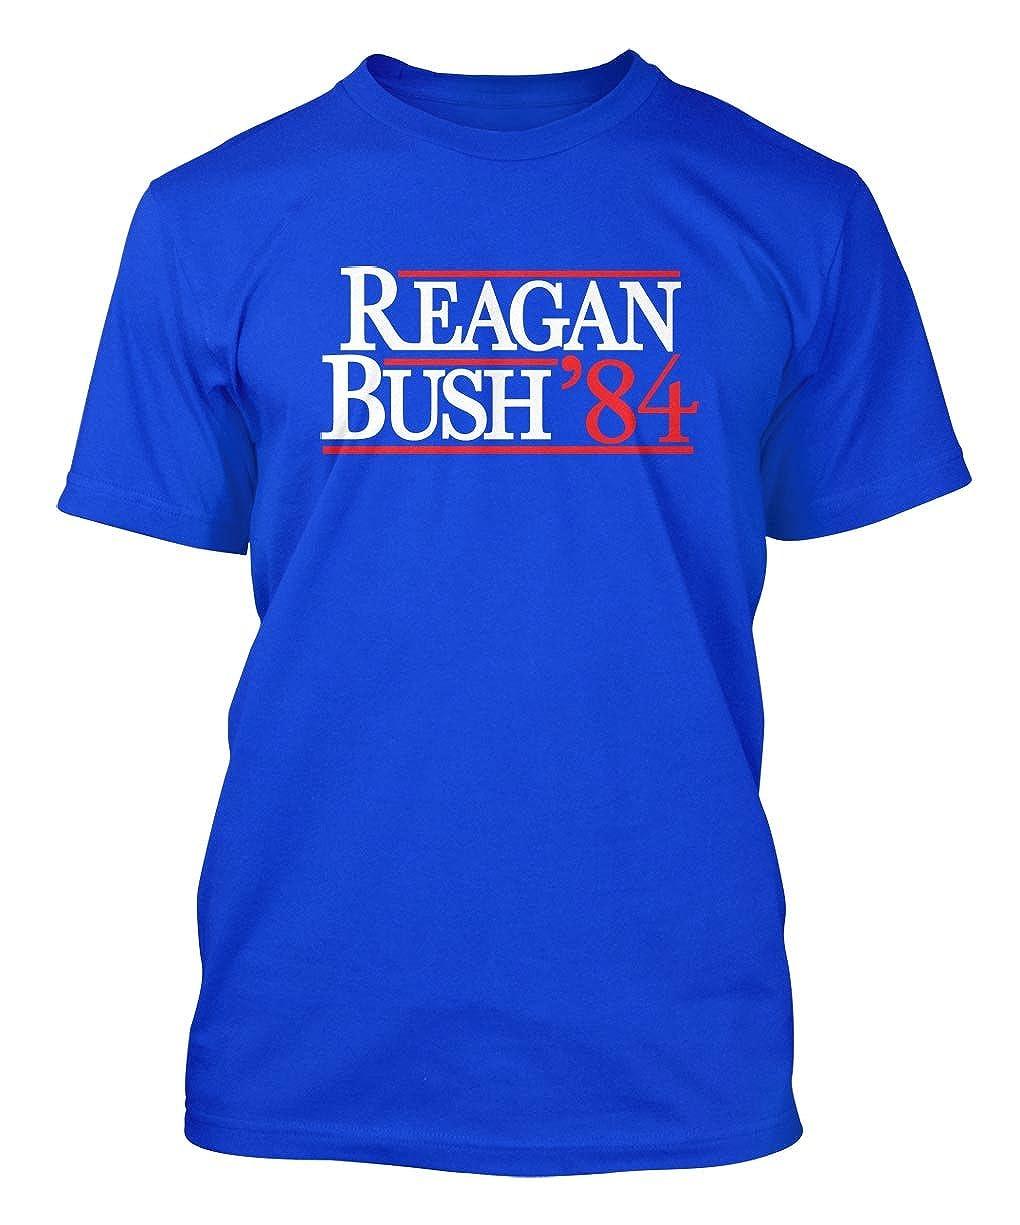 Design your own t shirt dublin - Design Your Own T Shirt Dublin 54